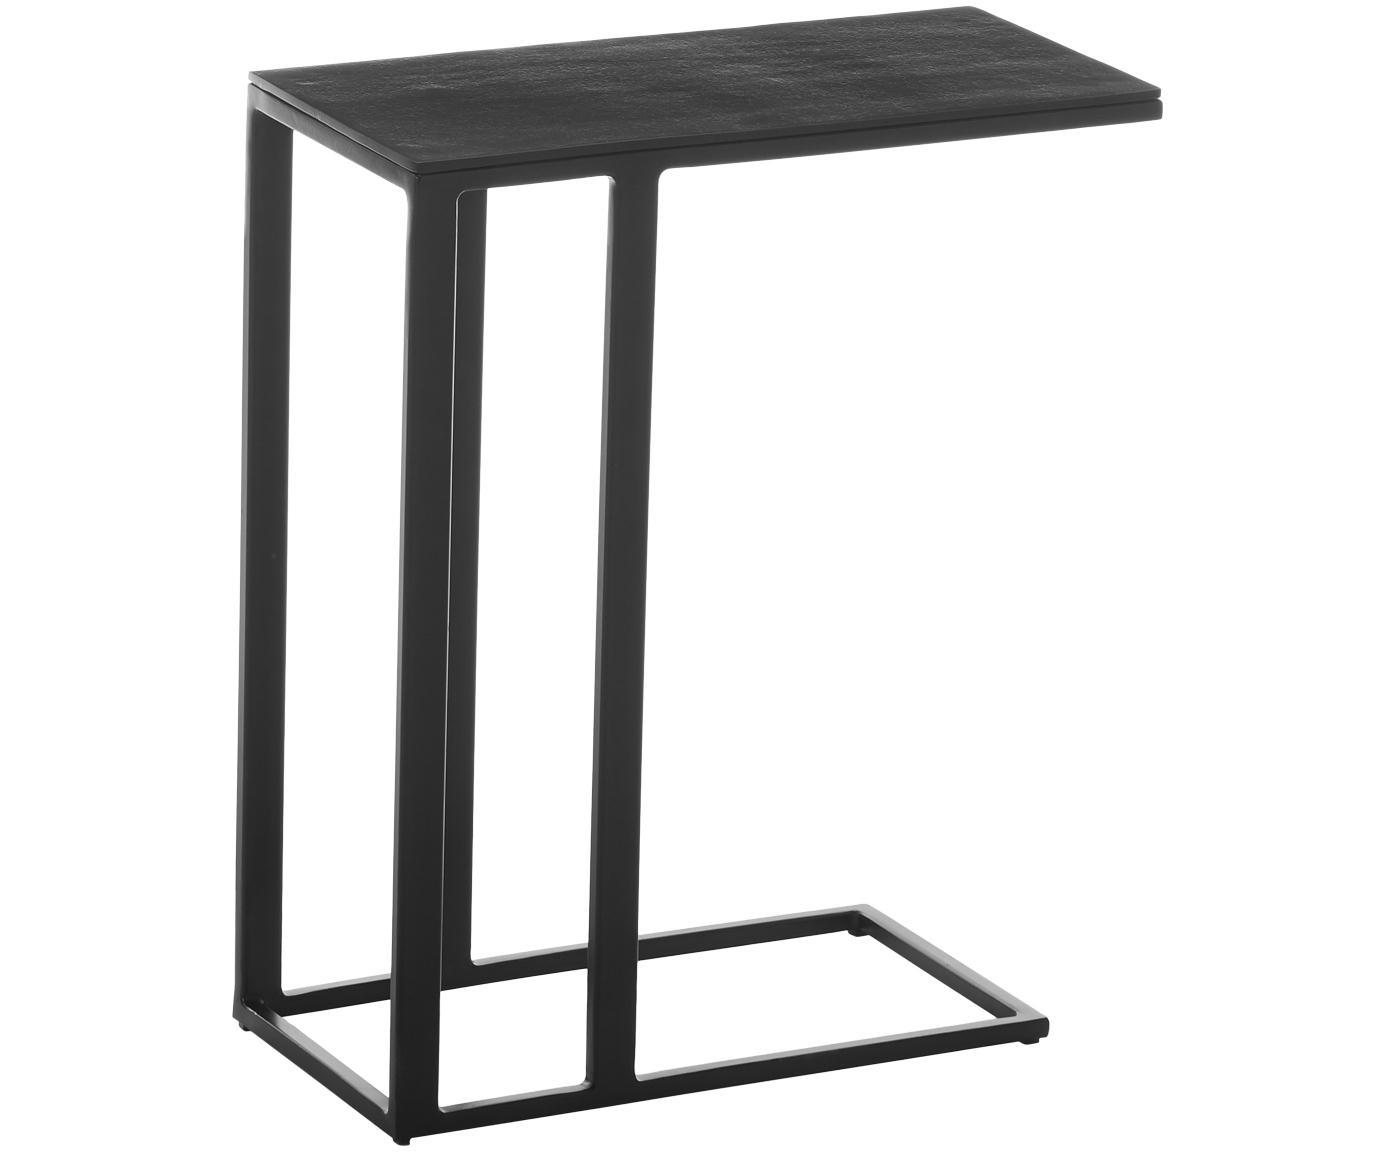 Stolik pomocniczy industrial Edge, Blat: aluminium powlekane, Stelaż: metal malowany proszkowo, Blat: czarny Stelaż: czarny, matowy, S 43 x W 51 cm